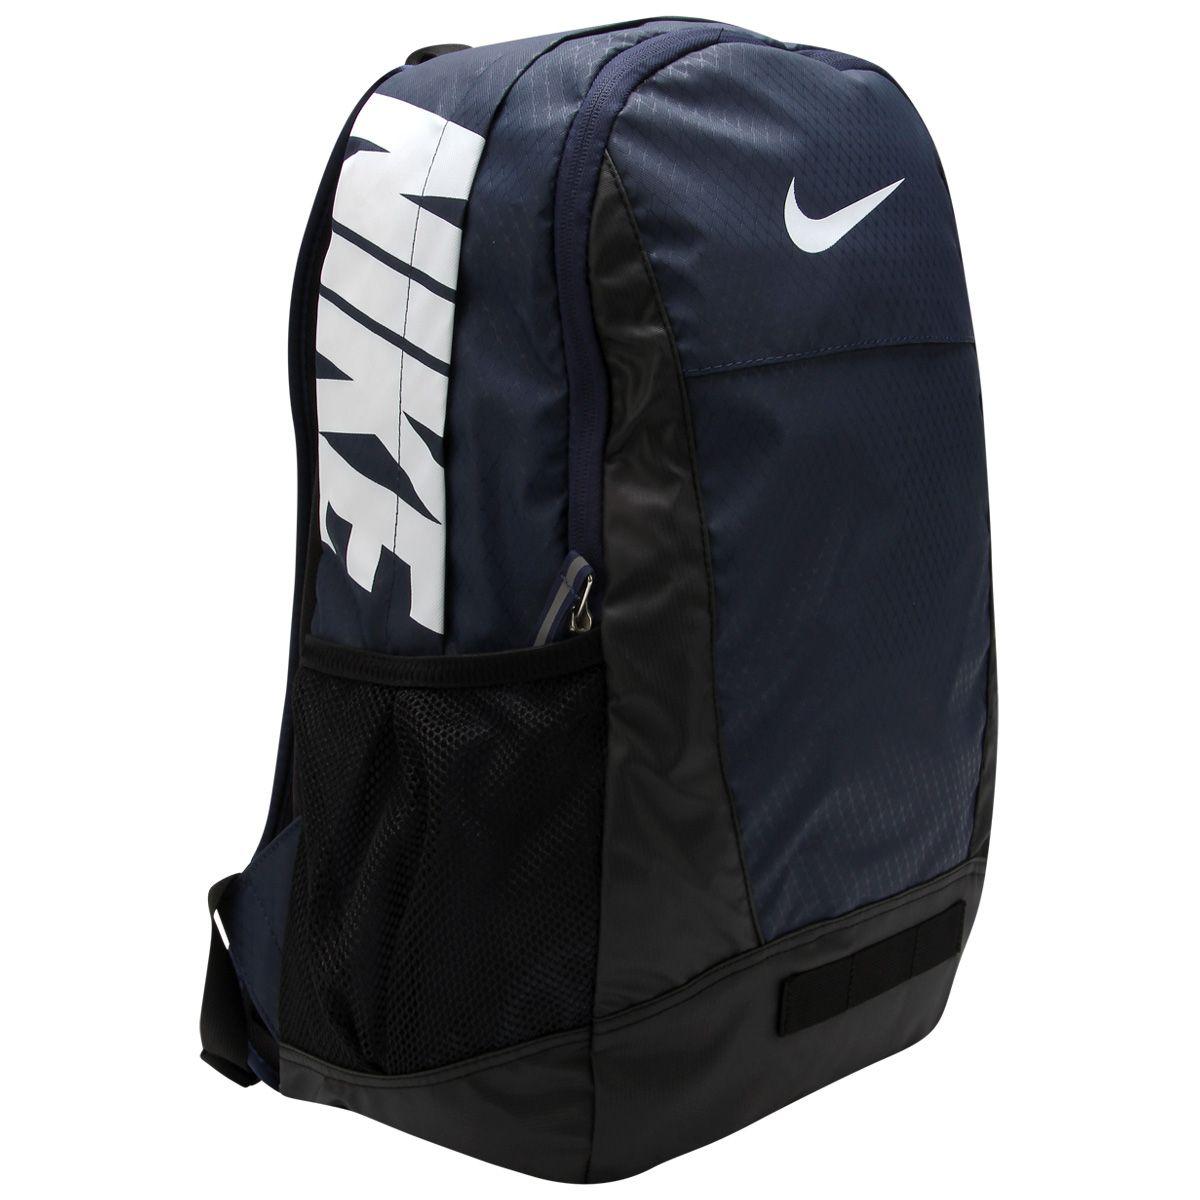 248688f6b Resistente e impermeável, a Mochila Nike Team Training Max Air Medium é  perfeita para transportar seus objetos no dia a dia com conforto e  resistência.